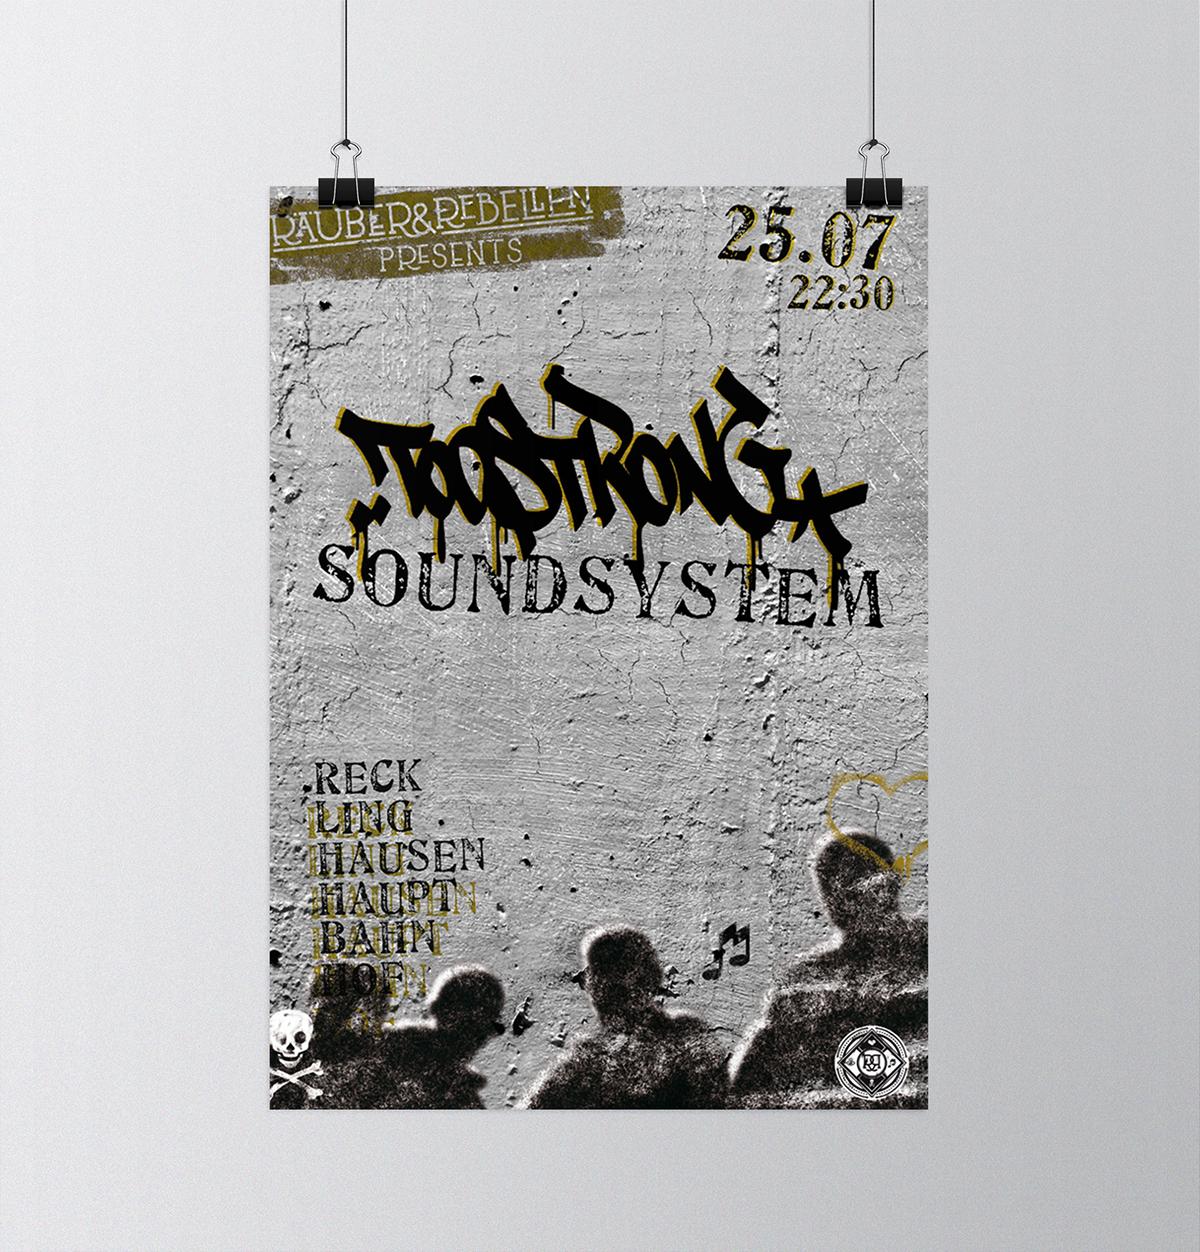 poster Plakate Musik